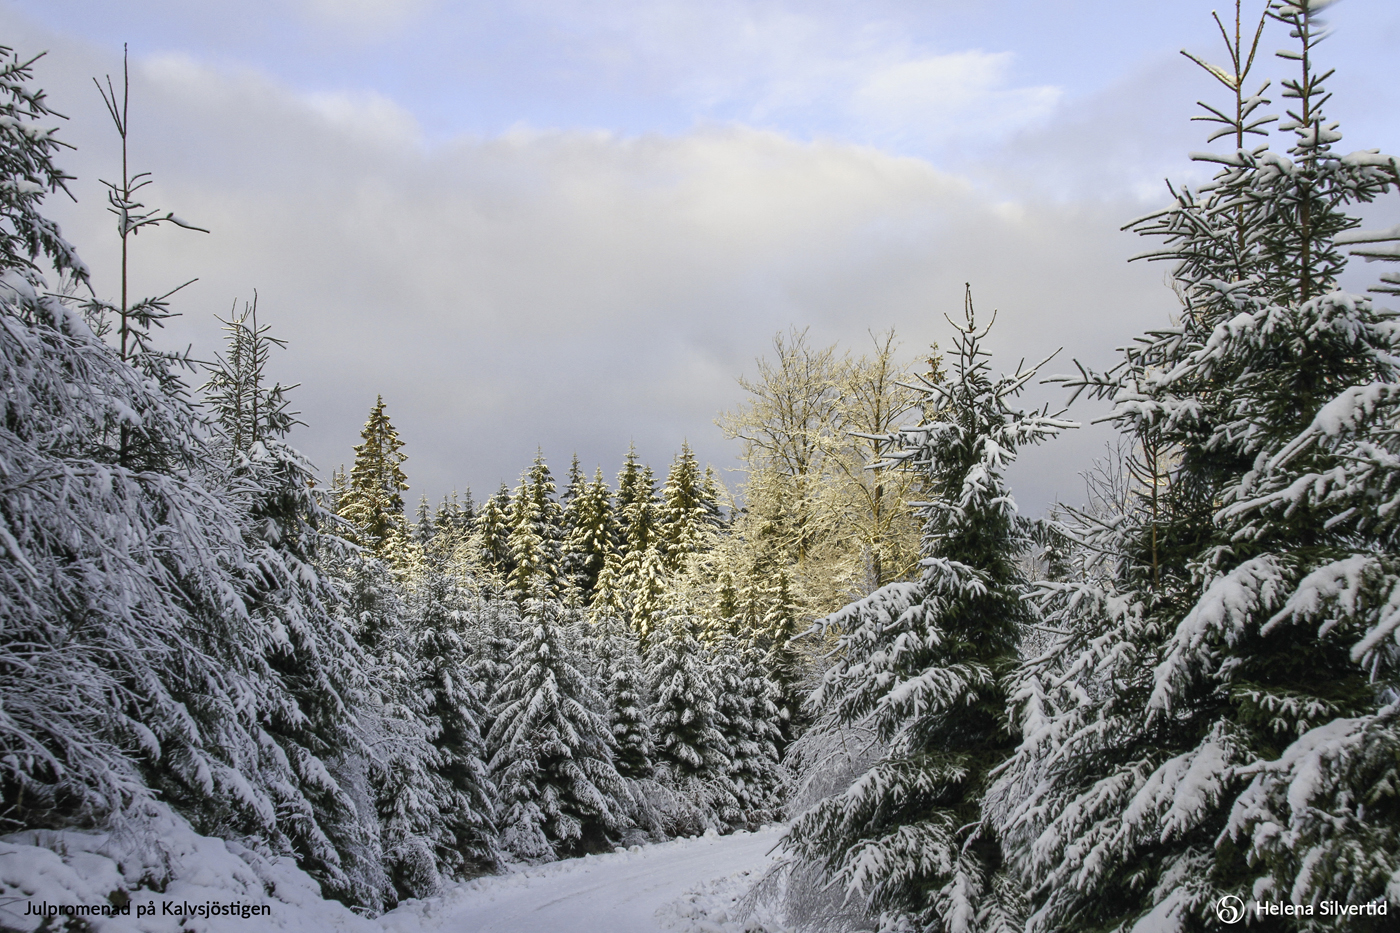 12-2021-December-Julpromenad-på-Kalvsjöstigen-Foto-av-Helena-Silvertid